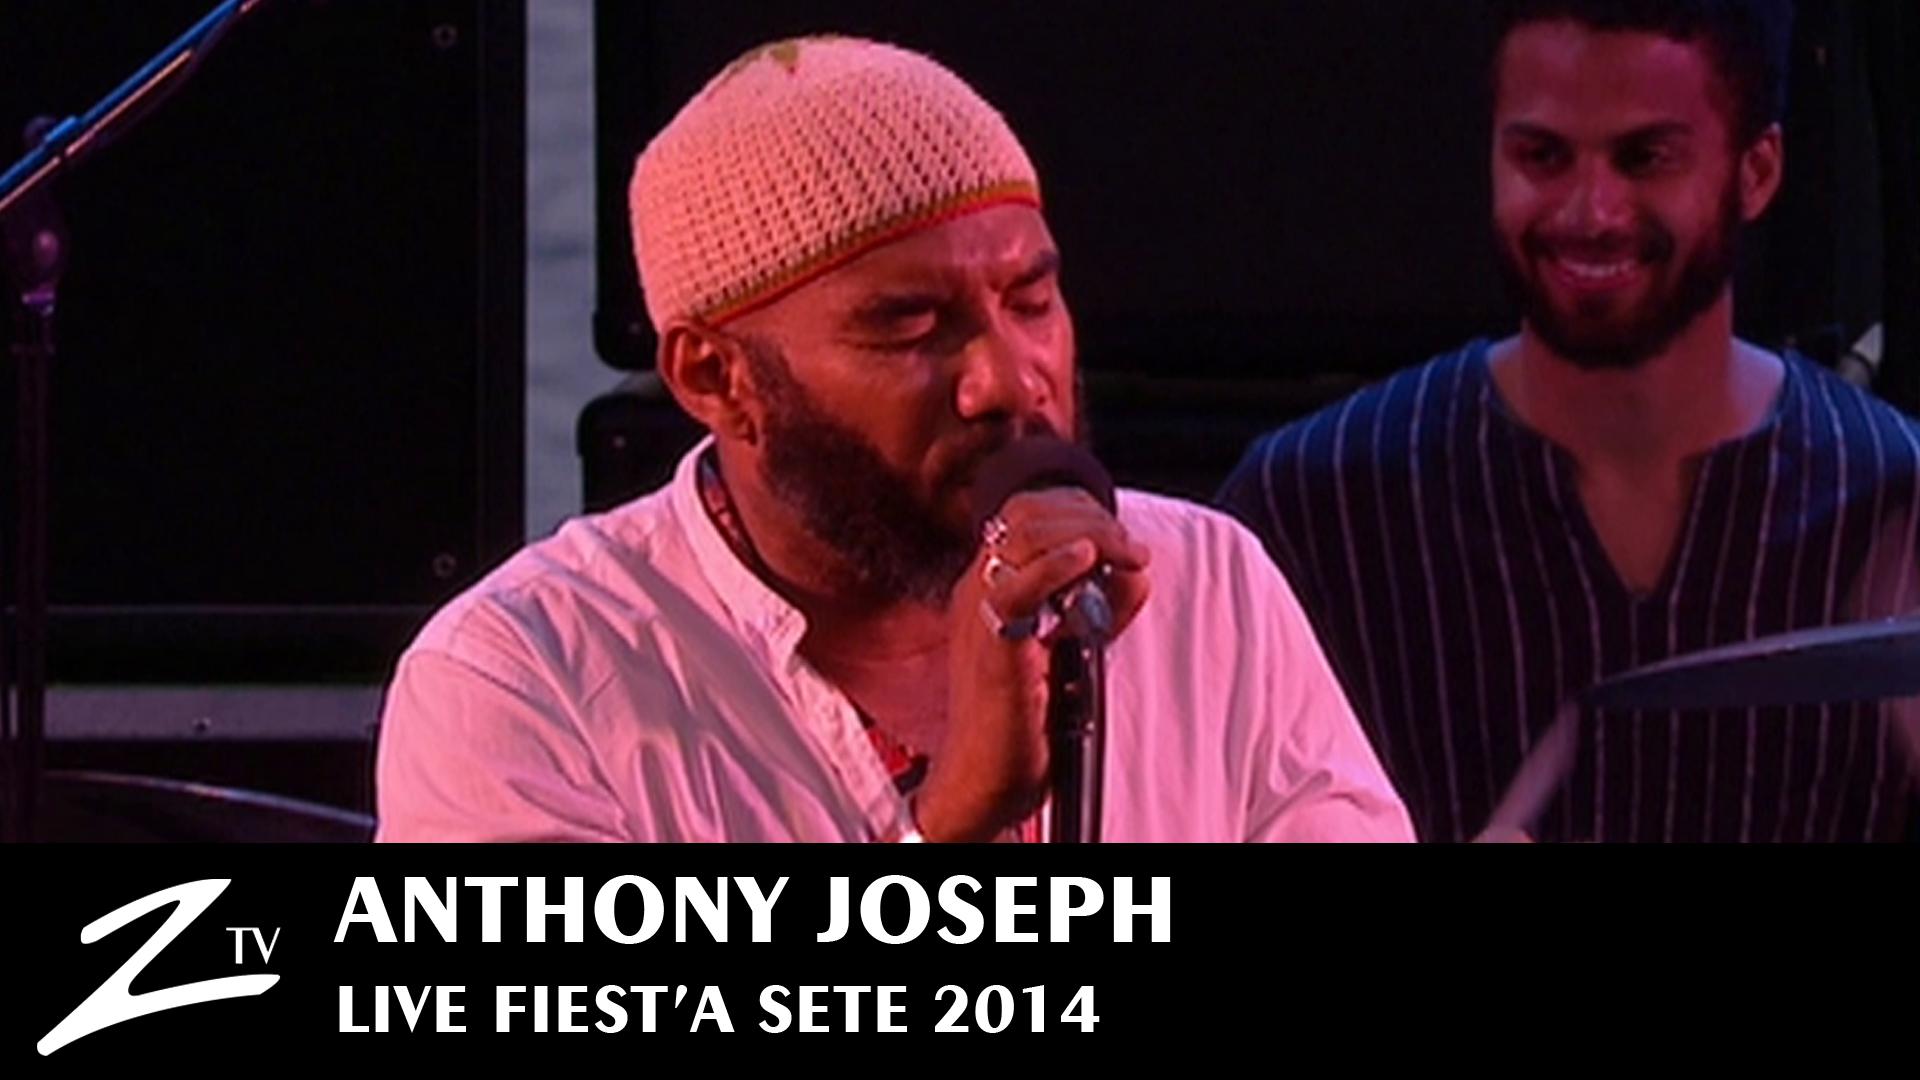 Anthony Joseph